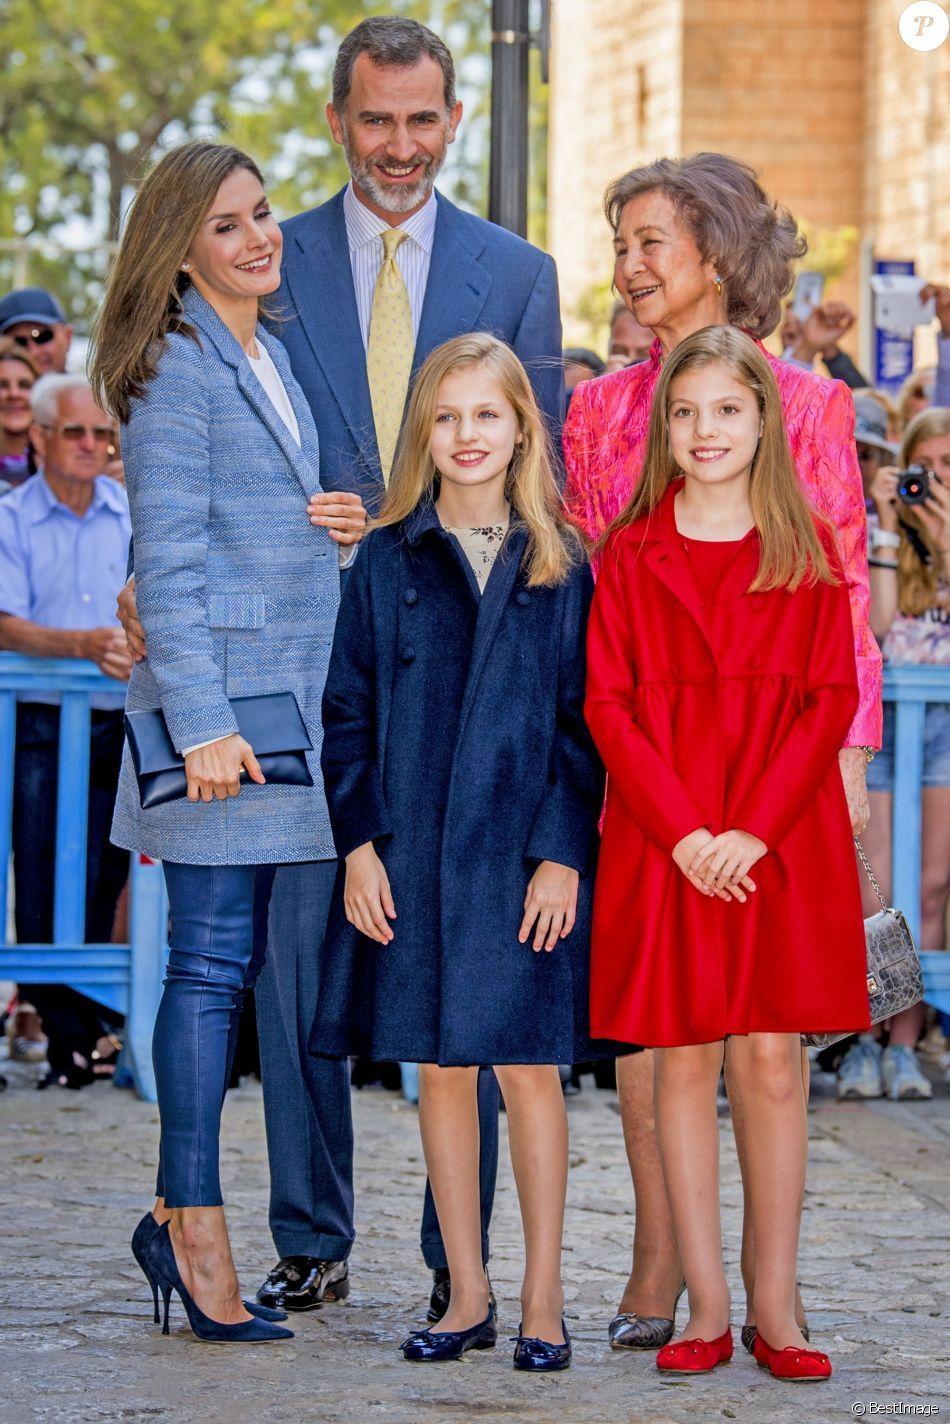 Roi Et Reine D Espagne : reine, espagne, PHOTOS, Felipe, D'Espagne, épouse, Reine, Letizia,, Leurs, Filles, Princesses, Leonor, Sofia, Assisté, Messe, Pâqu…